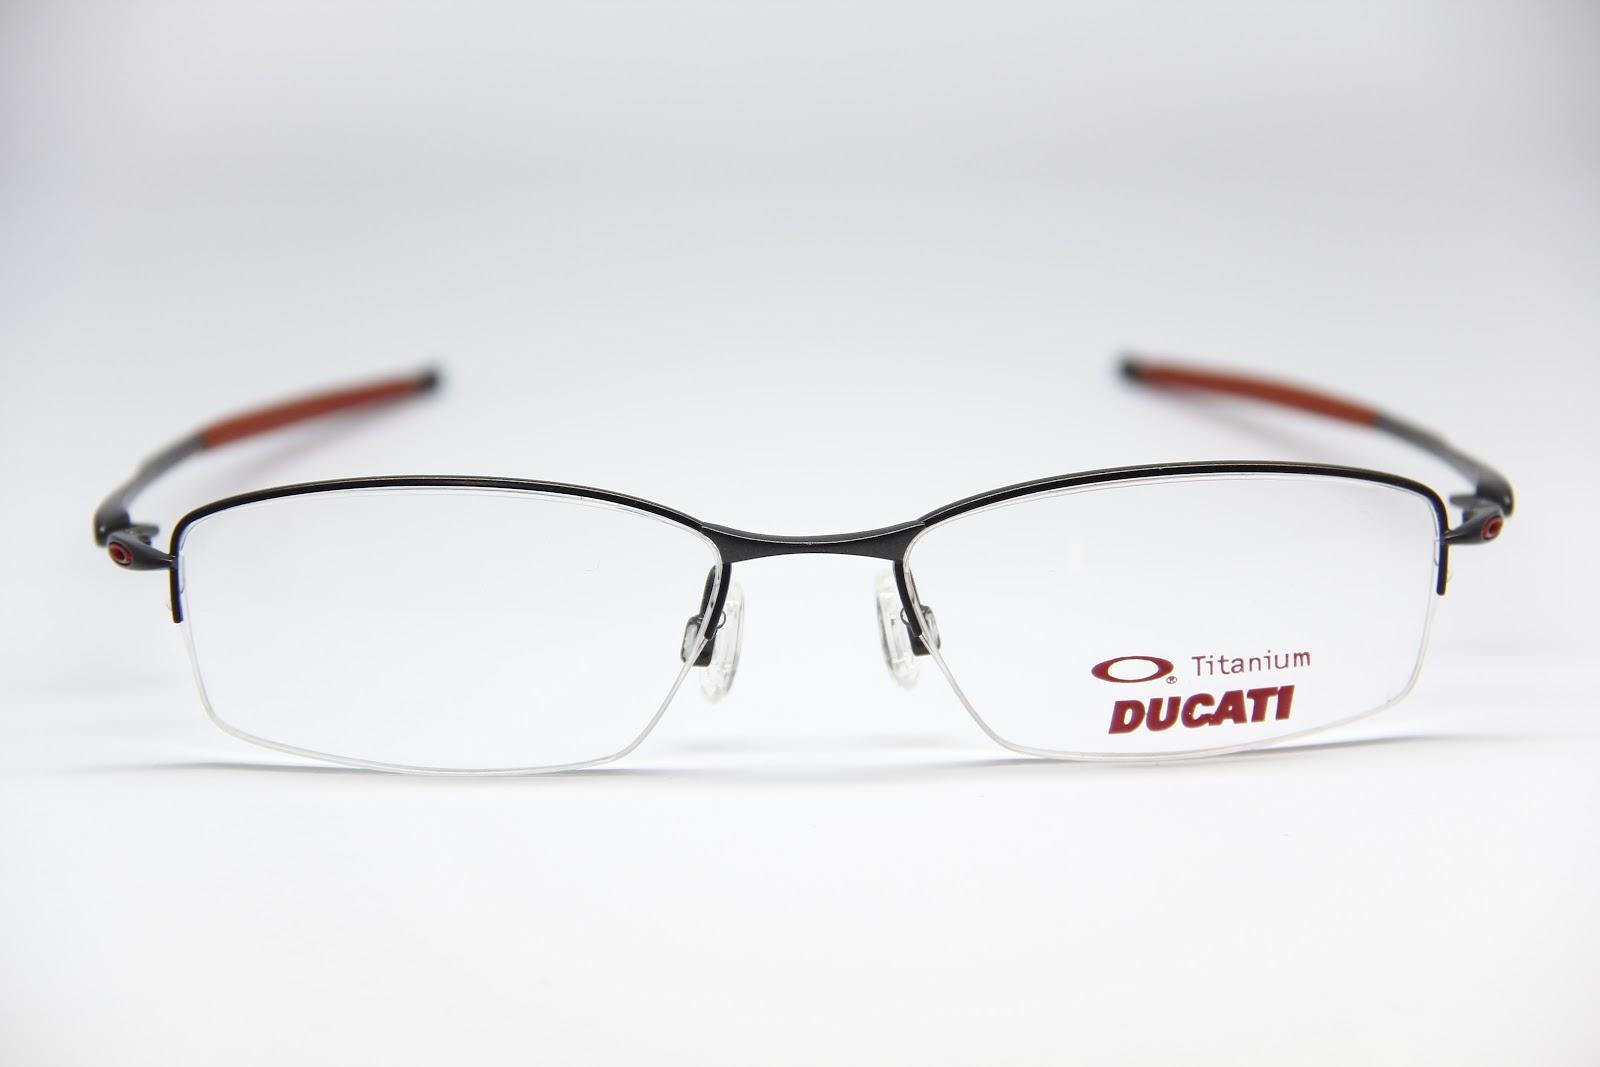 00967ace633 Oakley Prescription Glasses Singapore  Oakley Transistor Ducati Series